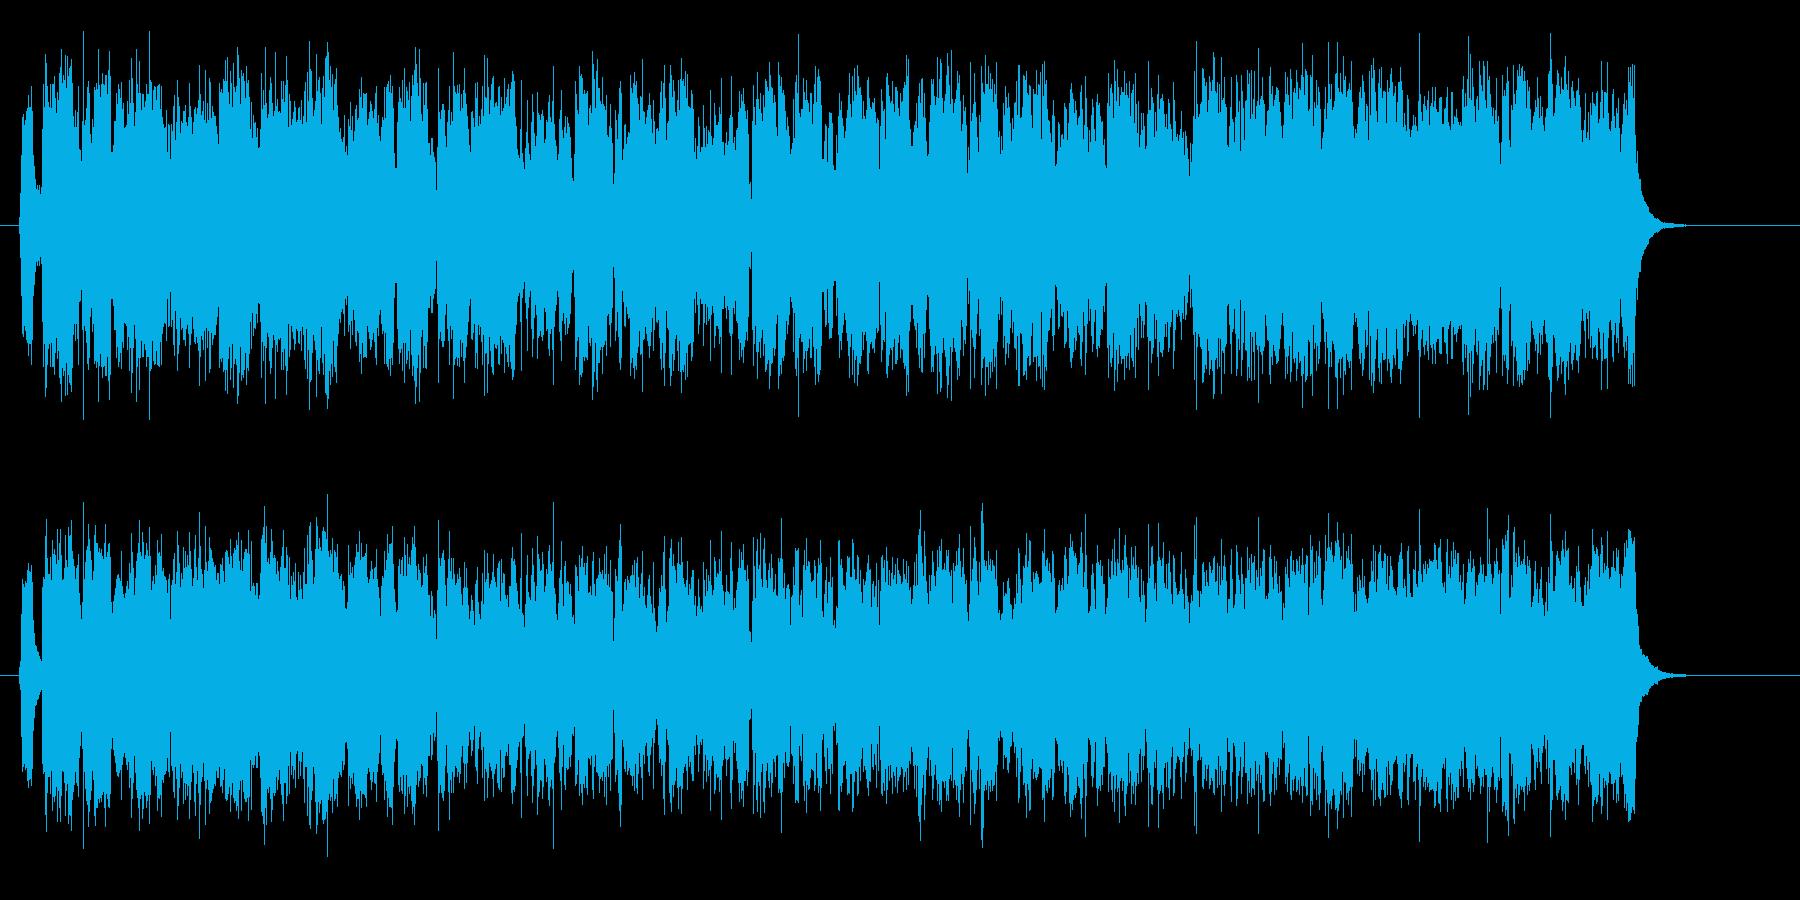 激しく疾走感のあるテクノ音楽の再生済みの波形